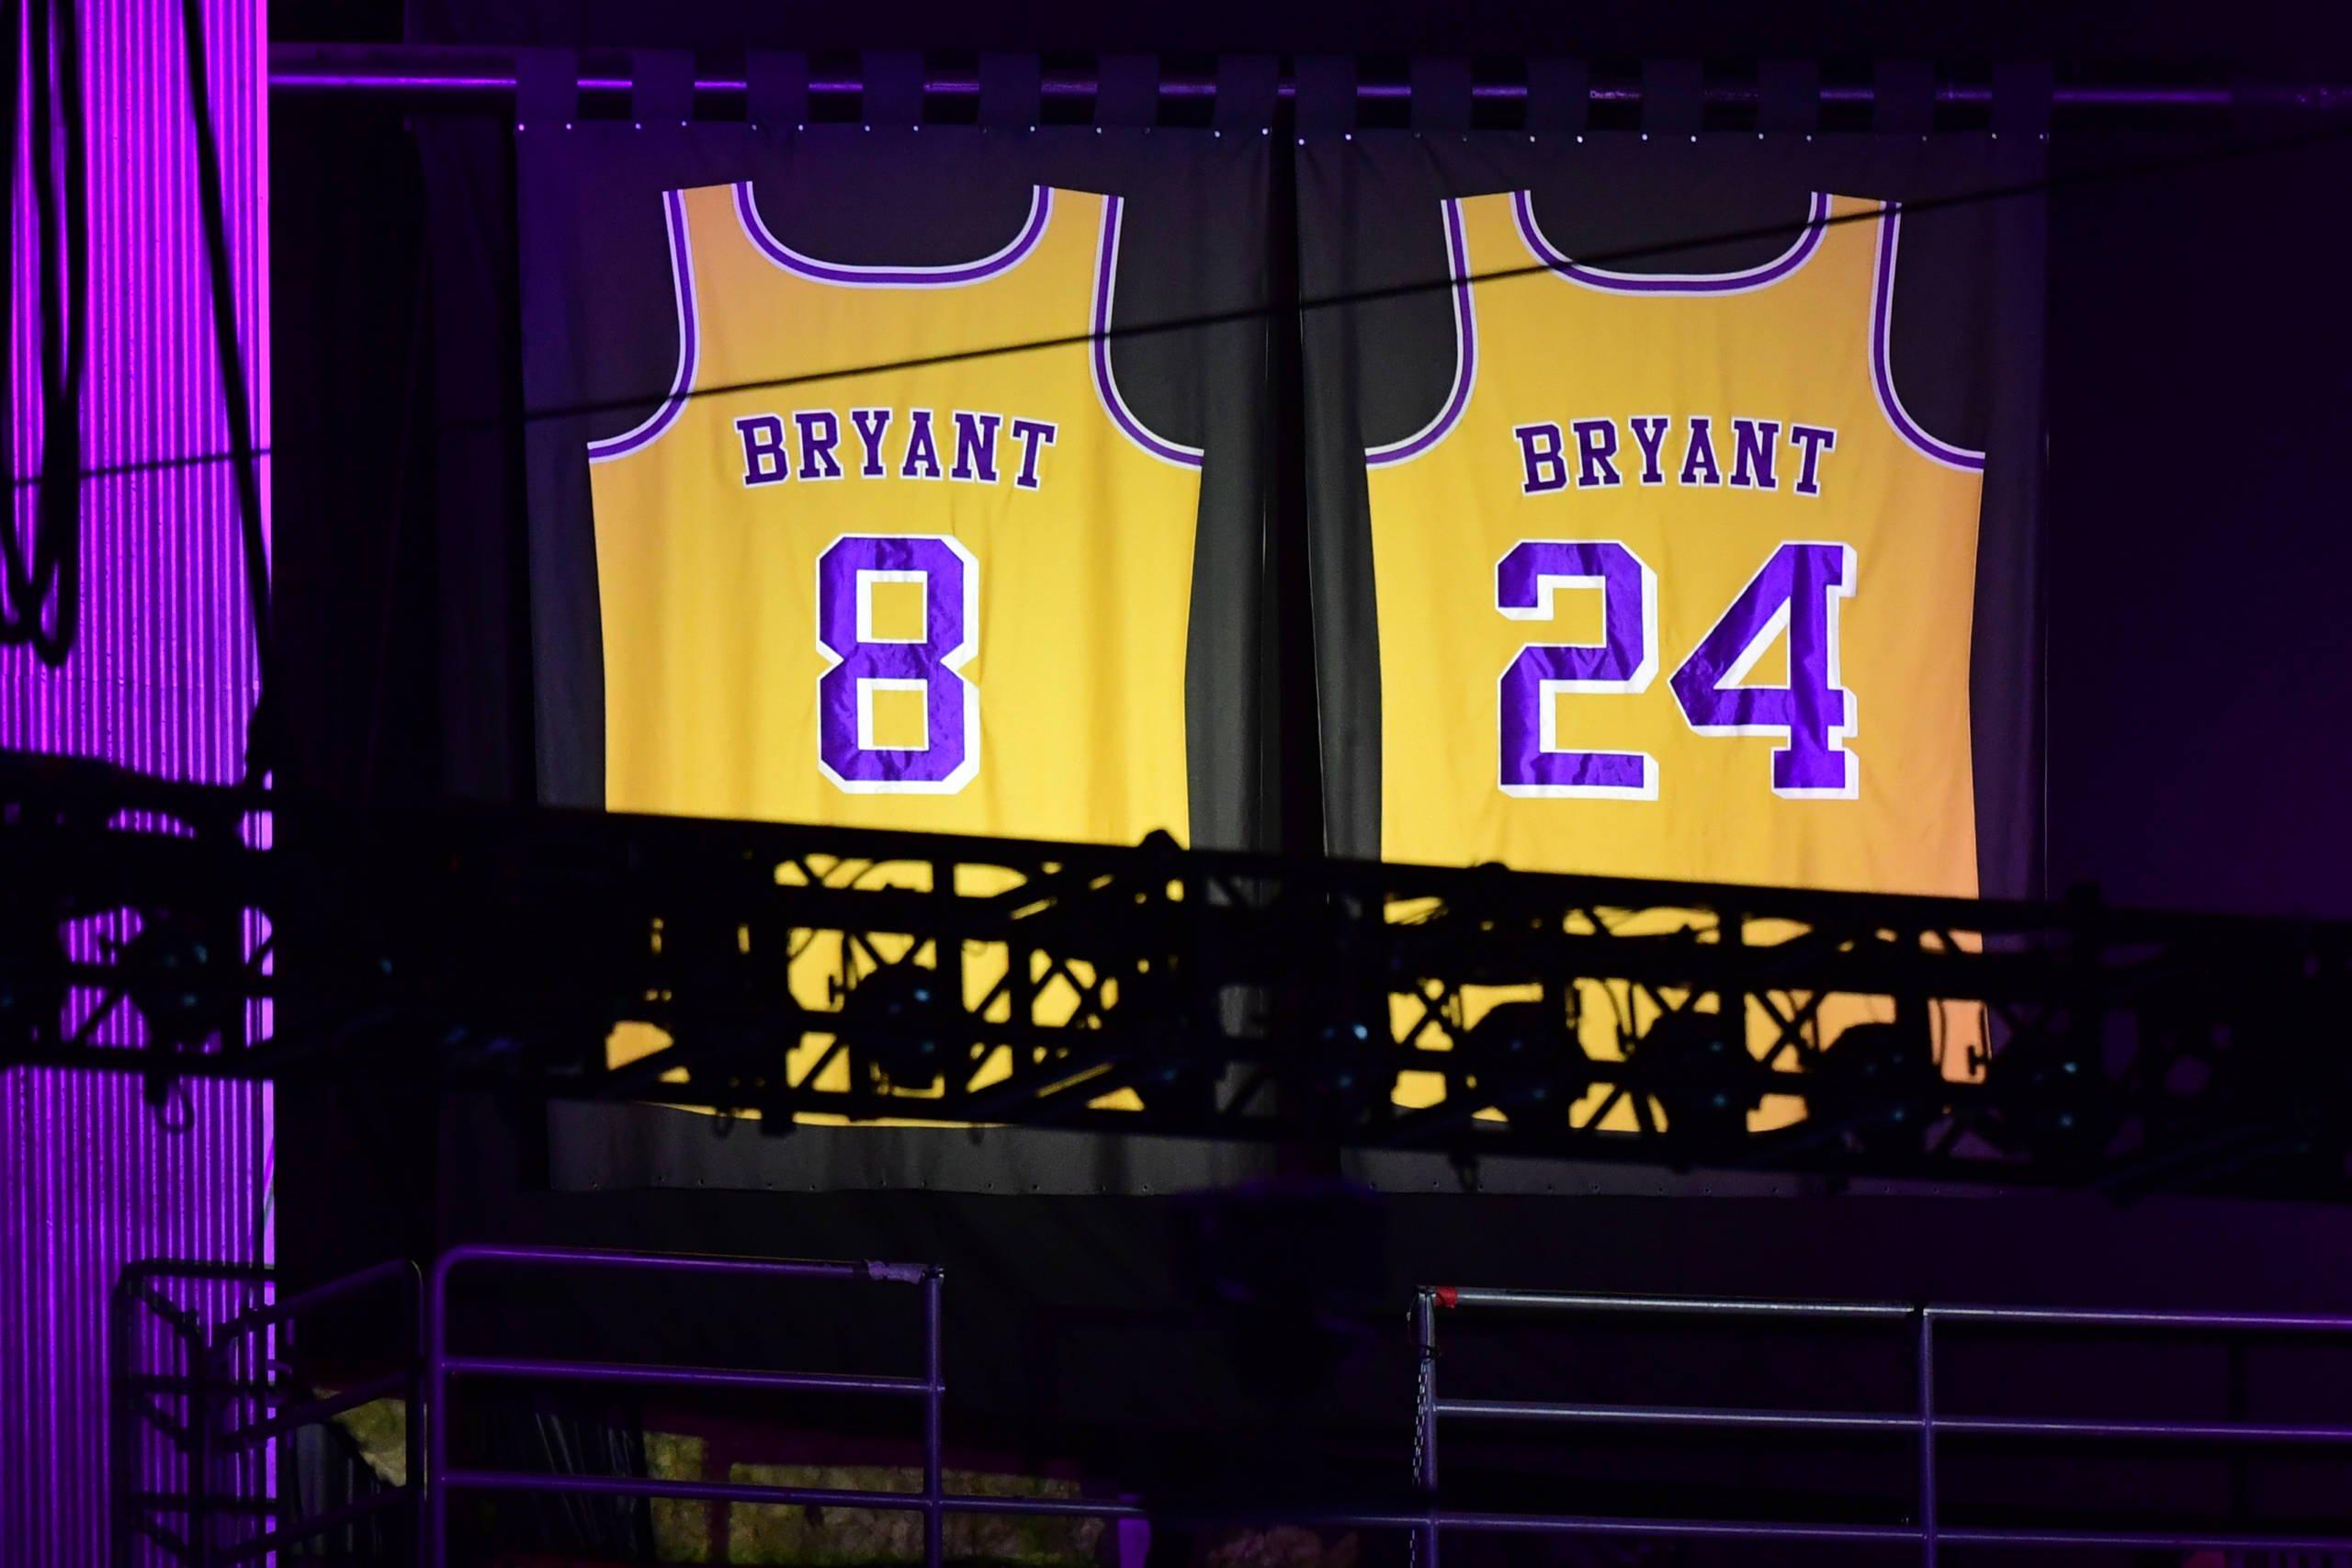 Confira fotos da cerimônia em homenagem à lenda Kobe Bryant nos EUA